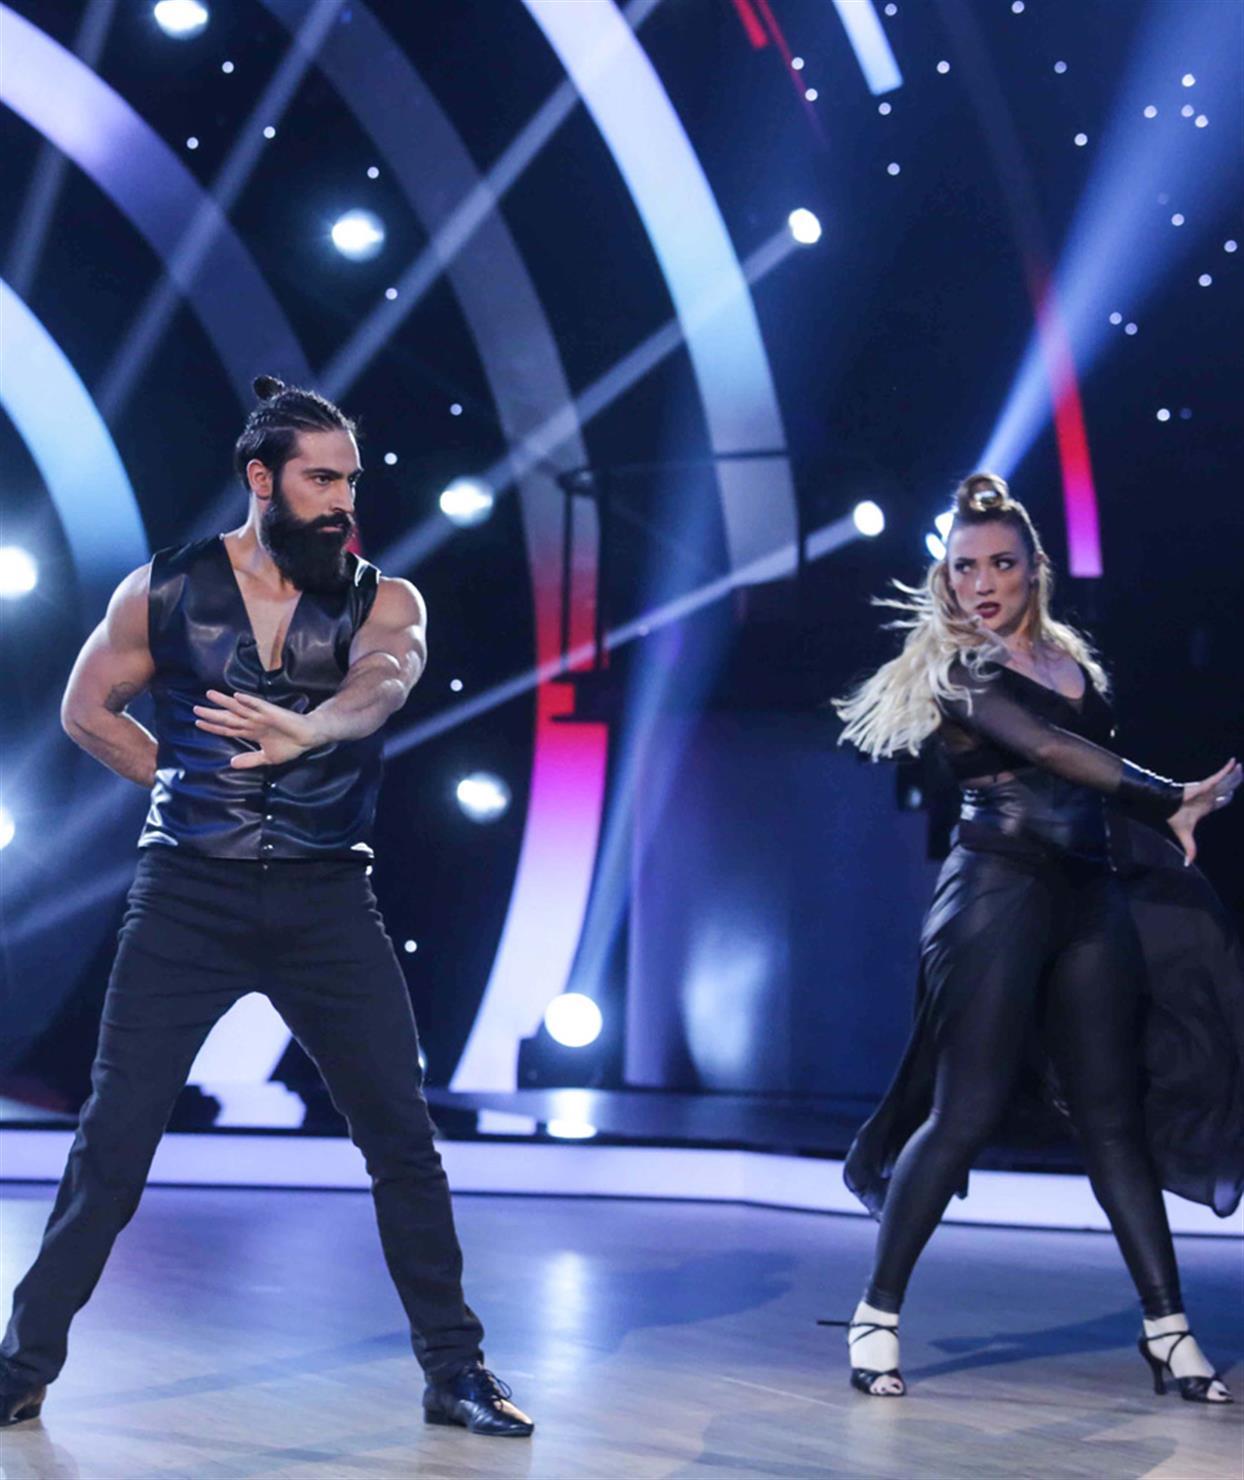 Μιχάλης Σεΐτης - DANCING WITH THE STARS - LIVE 1